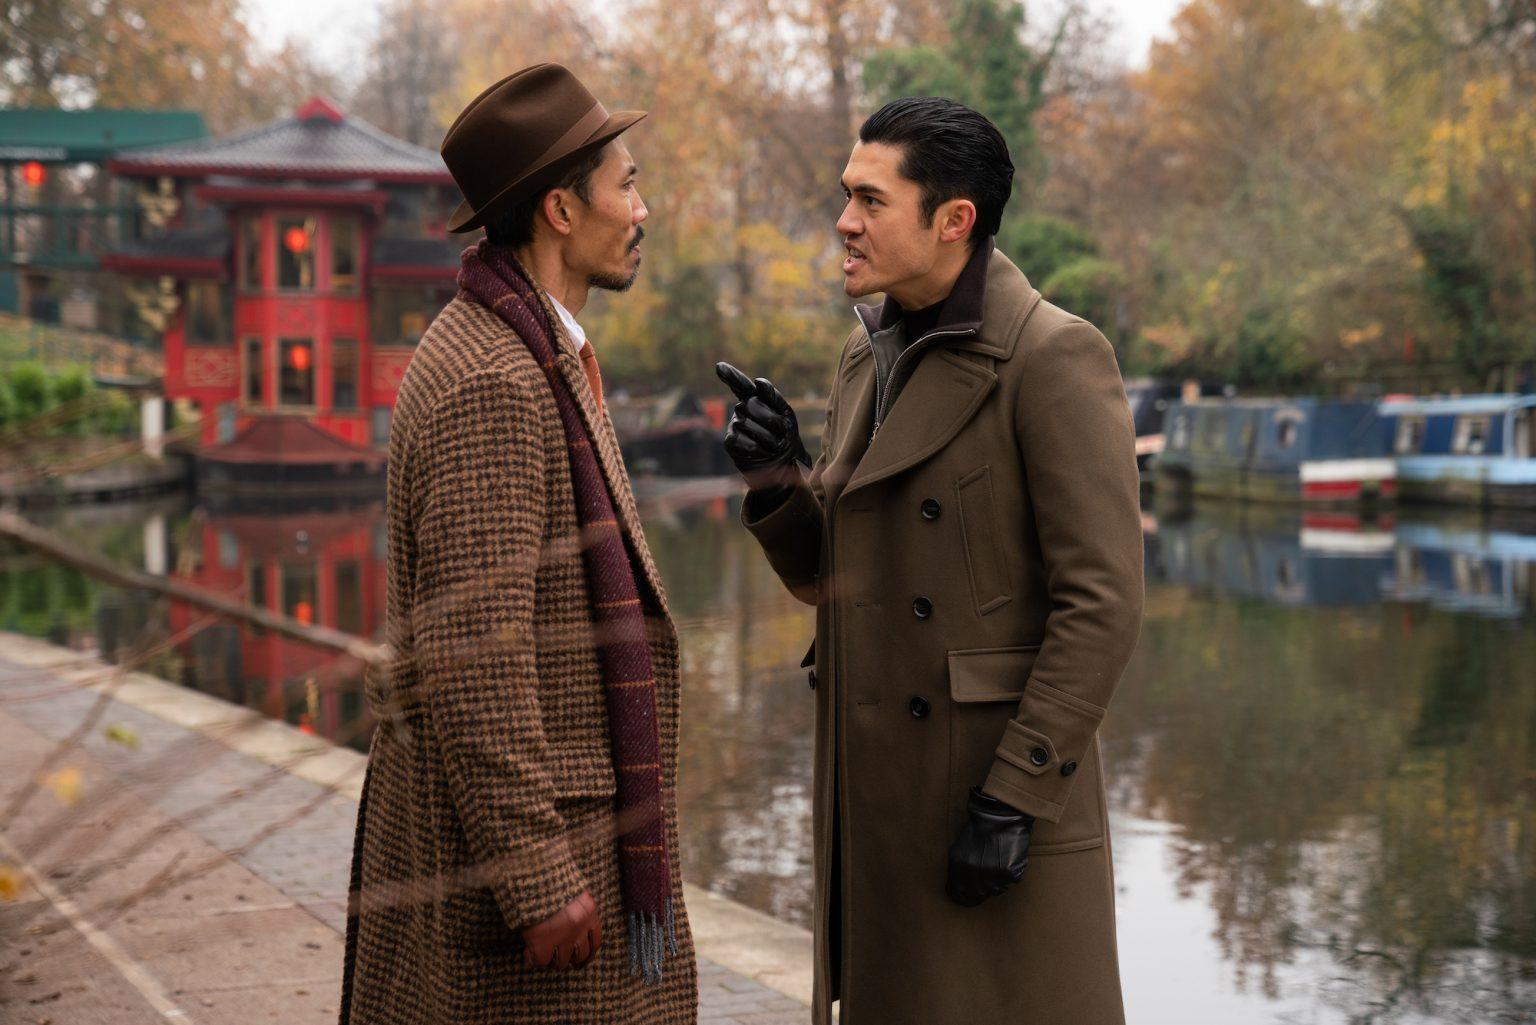 【电影心得】绅士追杀令The Gentlemen 玩弄于股掌之间-MP4吧